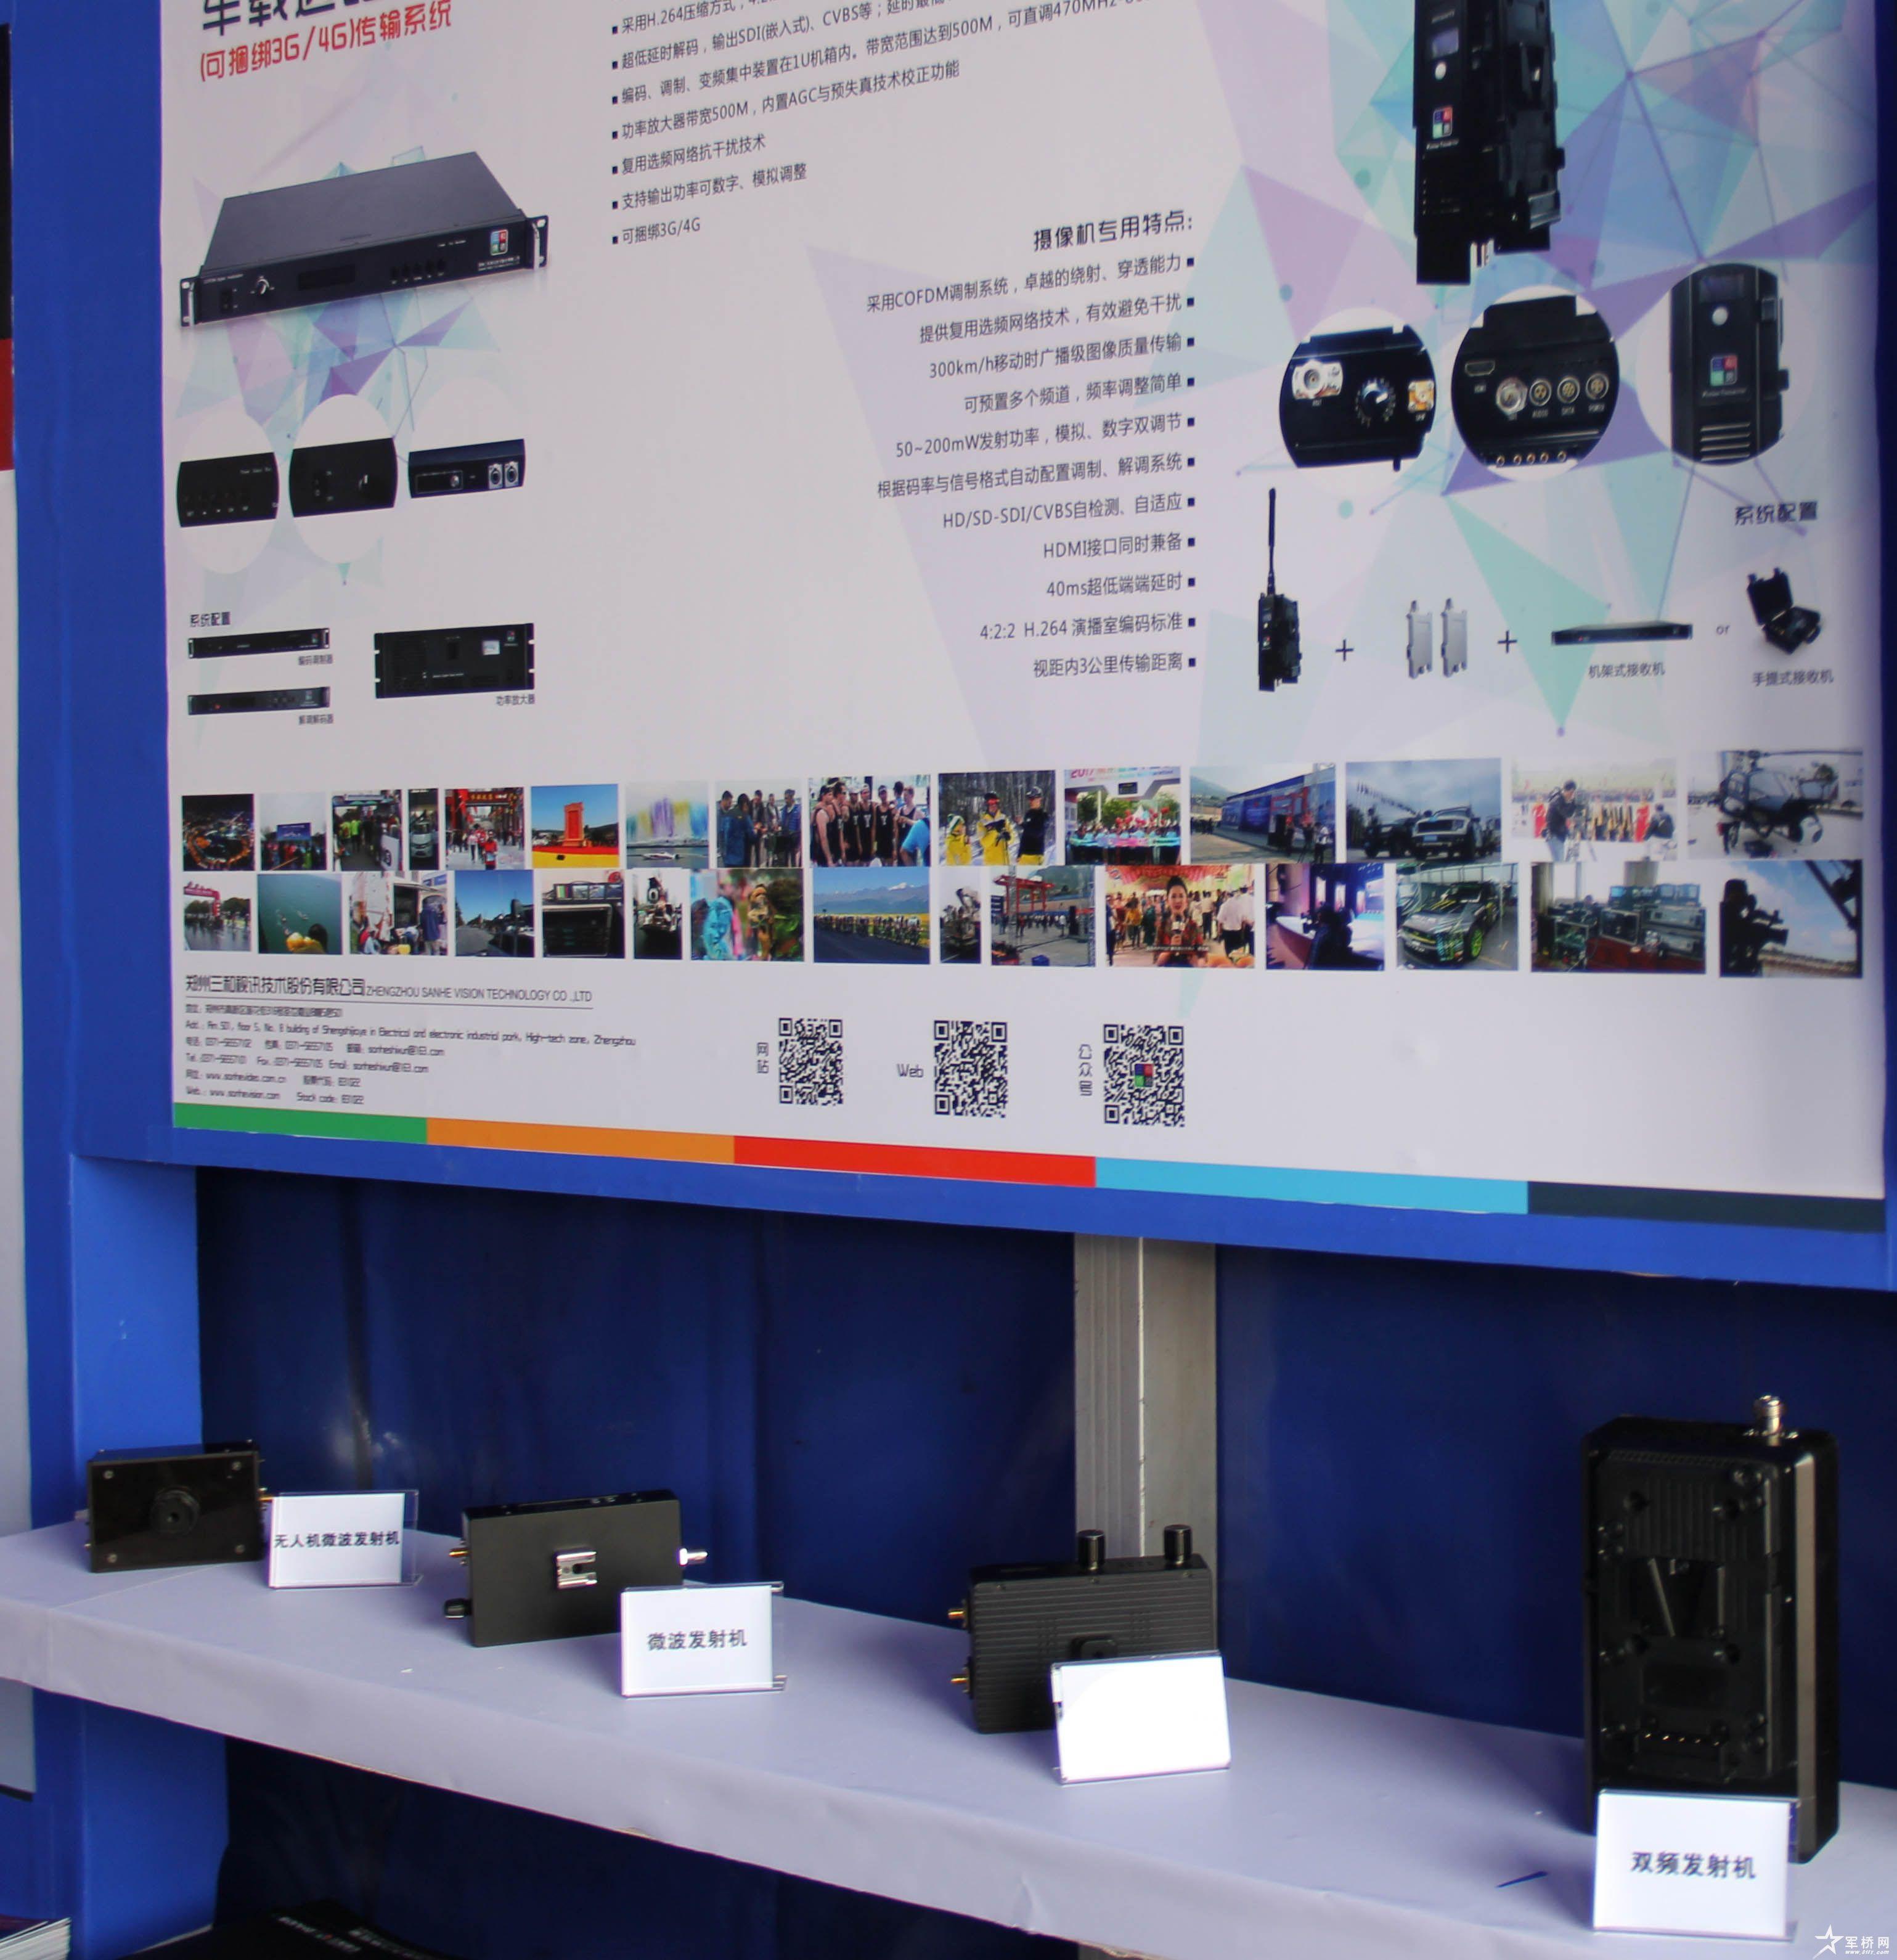 摄像机微波传输系统: 产品介绍: 采用COFDM调制系统,卓越的绕射、穿透能力 提供复用选频网络技术,有效避免干扰 300km/h移动时广播级图像质量传输 可预置多个频道,频率调整简单 50~200mW发射功率,模拟、数字双调节 根据码率与信号格式自动配置调制、解调系统 HD/SD-SDI/CVBS自检测、自适应 HDMI接口同时兼备 40ms超低端端延时 4:2:2 H.